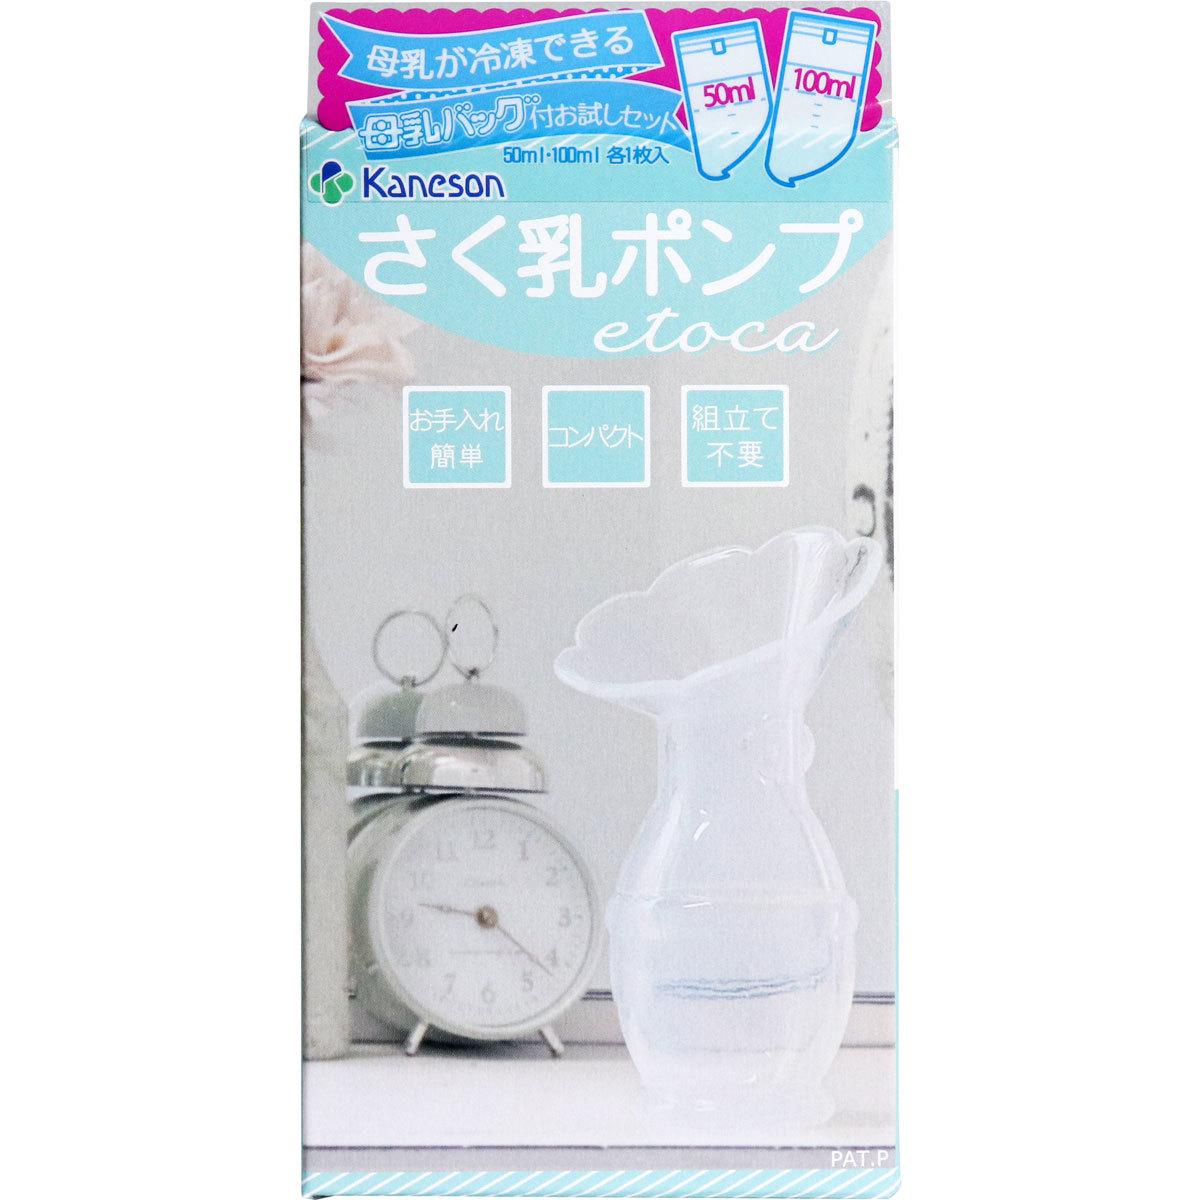 推奨 安全性を考慮したフォルム 本体のみでお手軽洗浄 お手入れ簡単 さく乳ポンプ etoca プレゼント カネソン